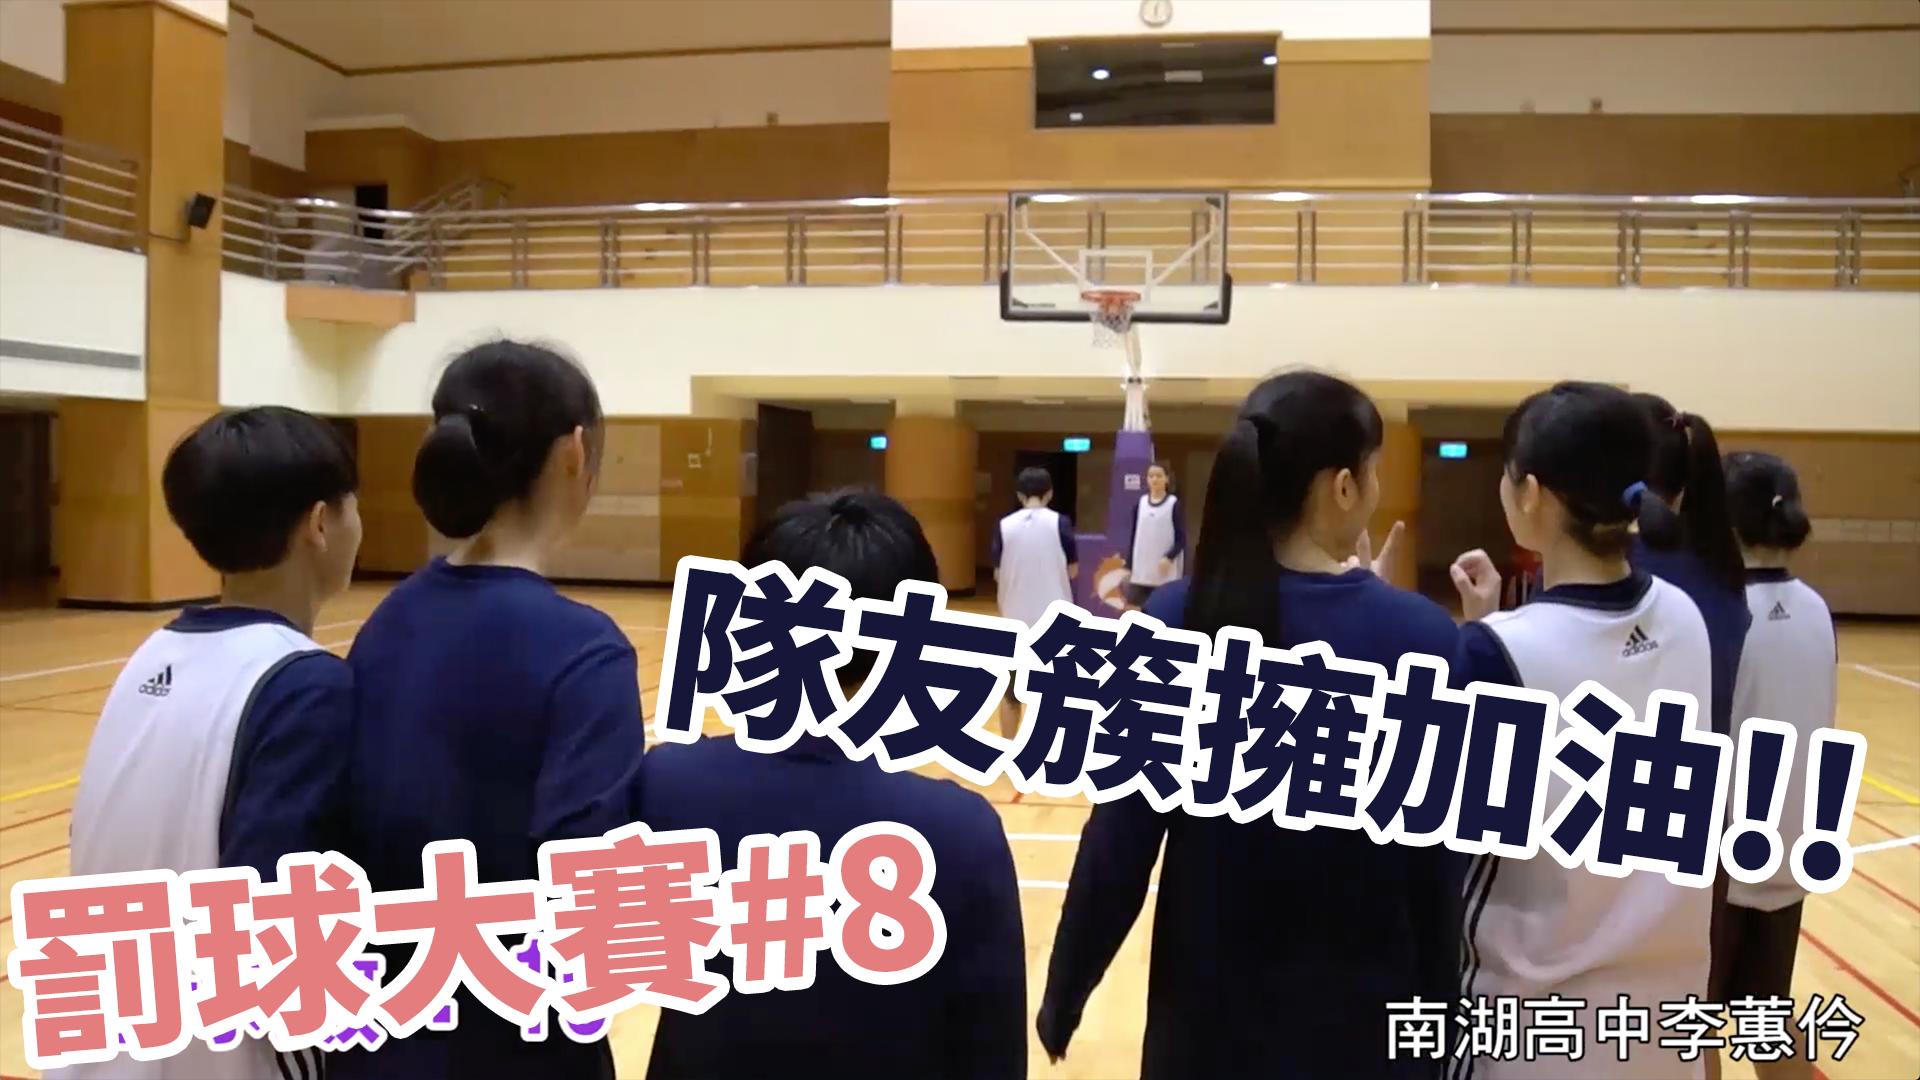 罰球大賽#8 南湖高中李蕙仱